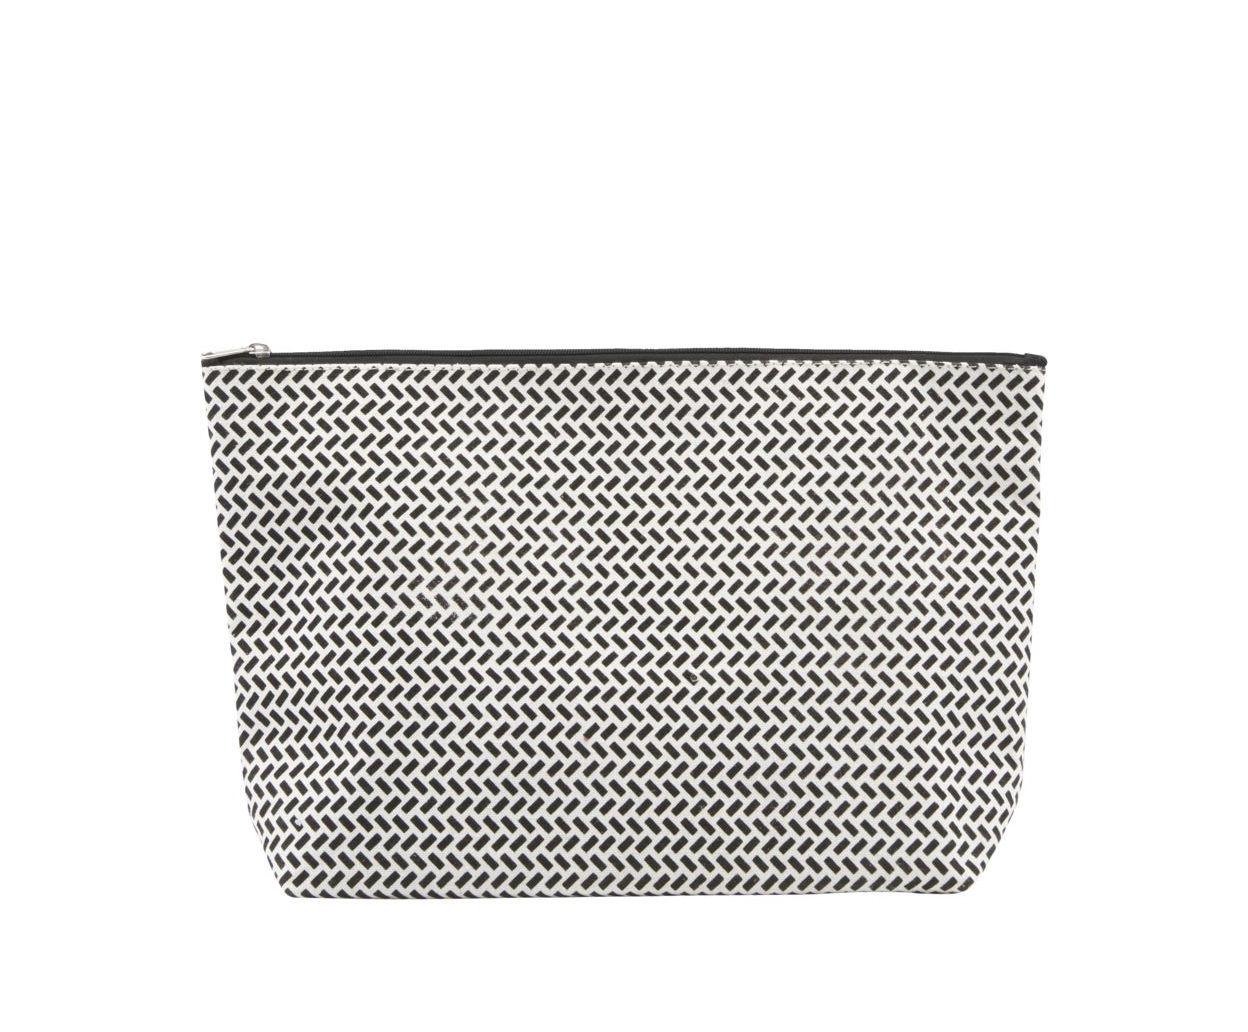 Accessoires - Sacs, trousses, porte-monnaie... - Trousse de toilette Paran / 32 x 20 cm - House Doctor - Large / Noir & Blanc - Coton enduit